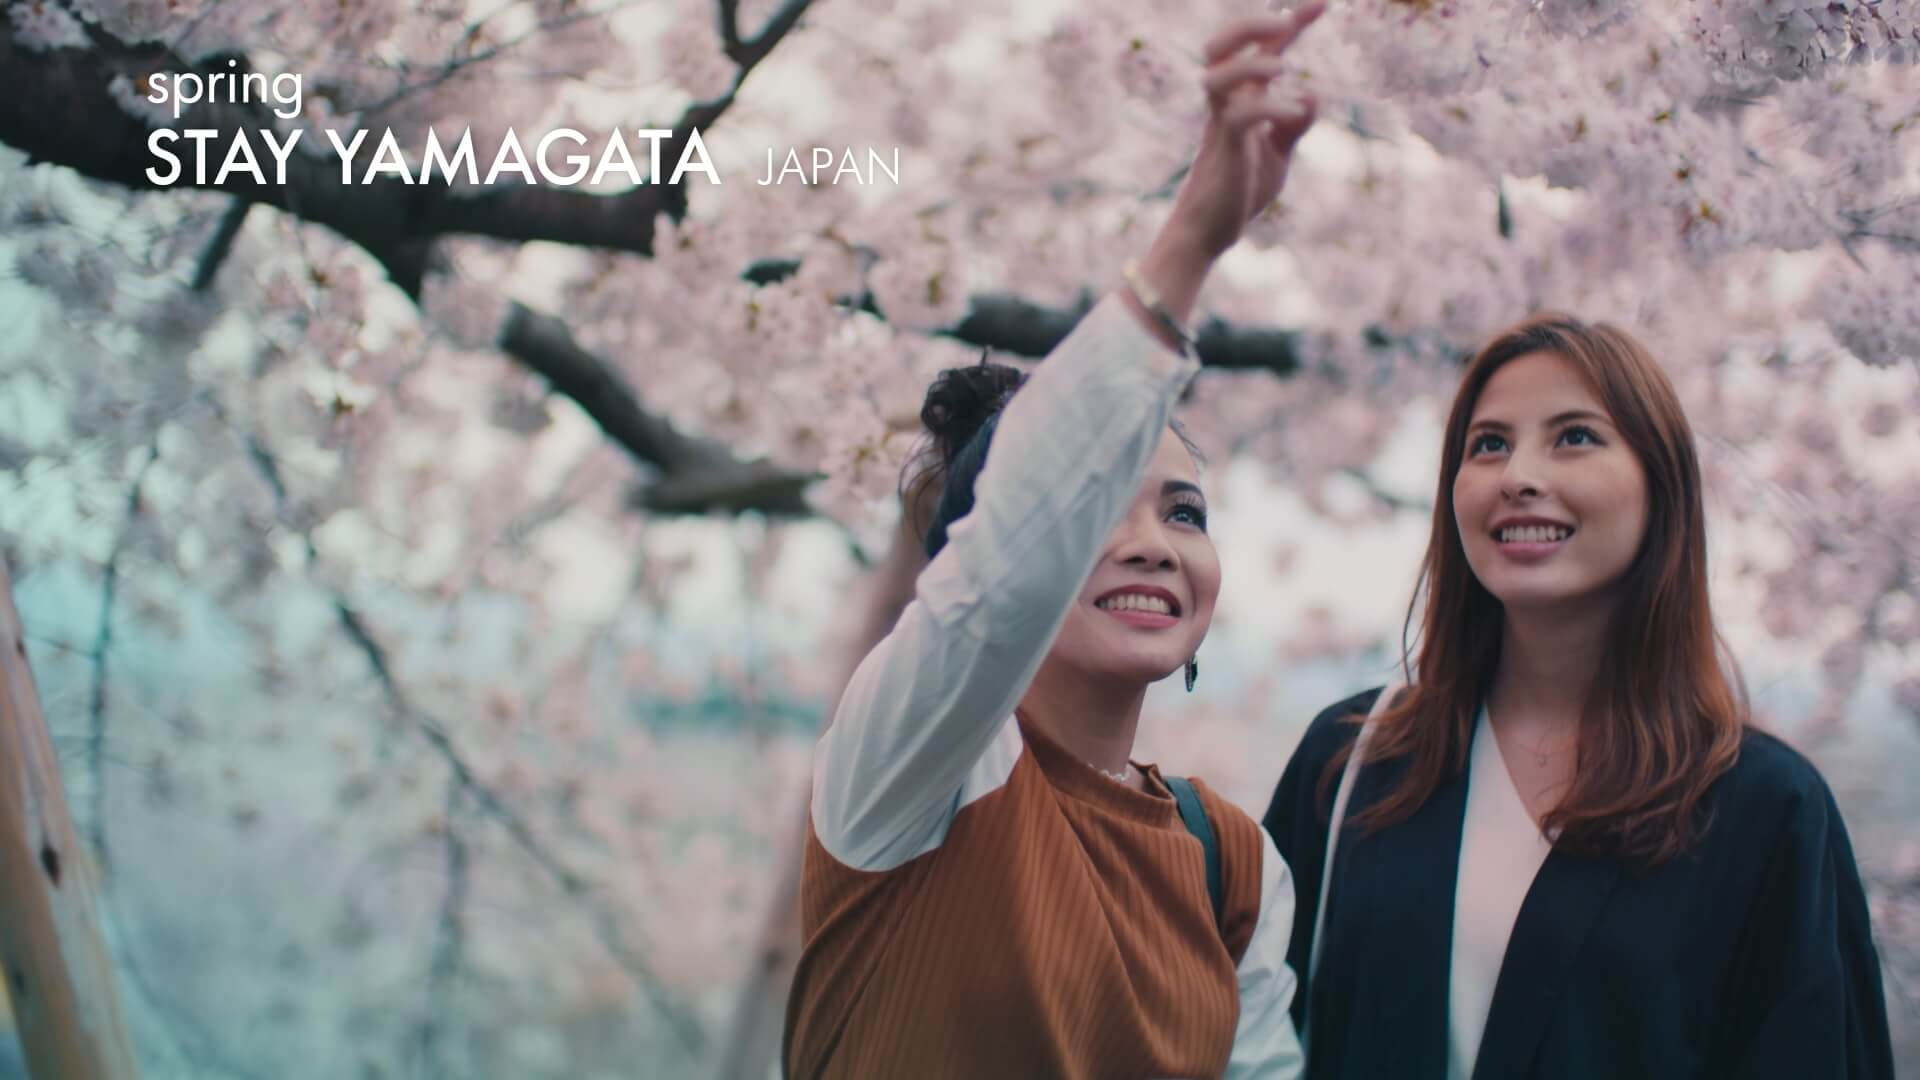 介紹櫻花的絕景而有名的山形縣的魅力的影像「STAY YAMAGATA」公開 山形_、